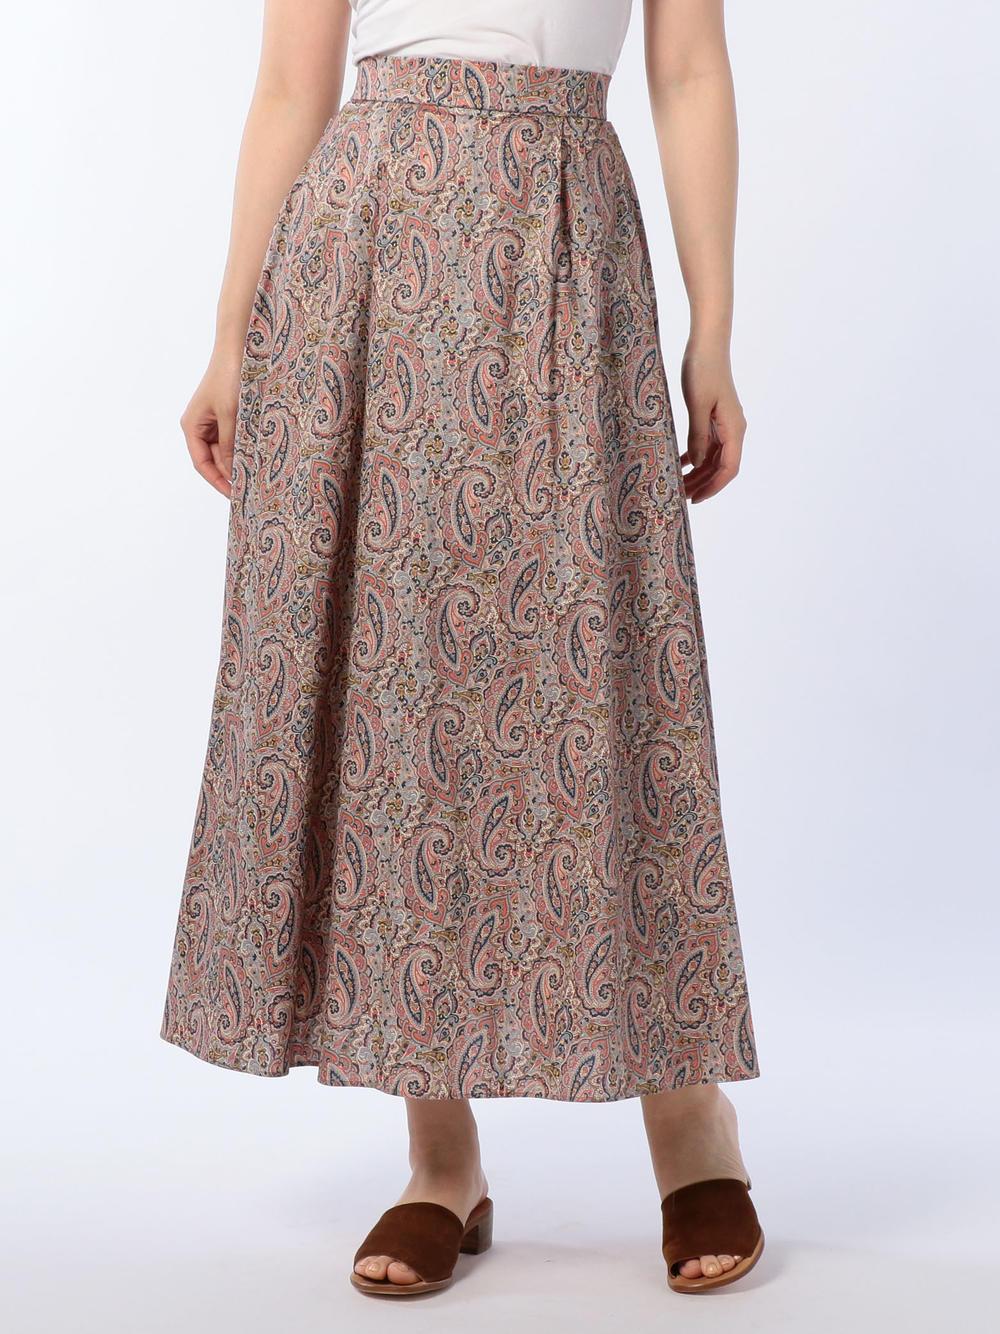 芸能人が火曜サプライズで着用した衣装スカート